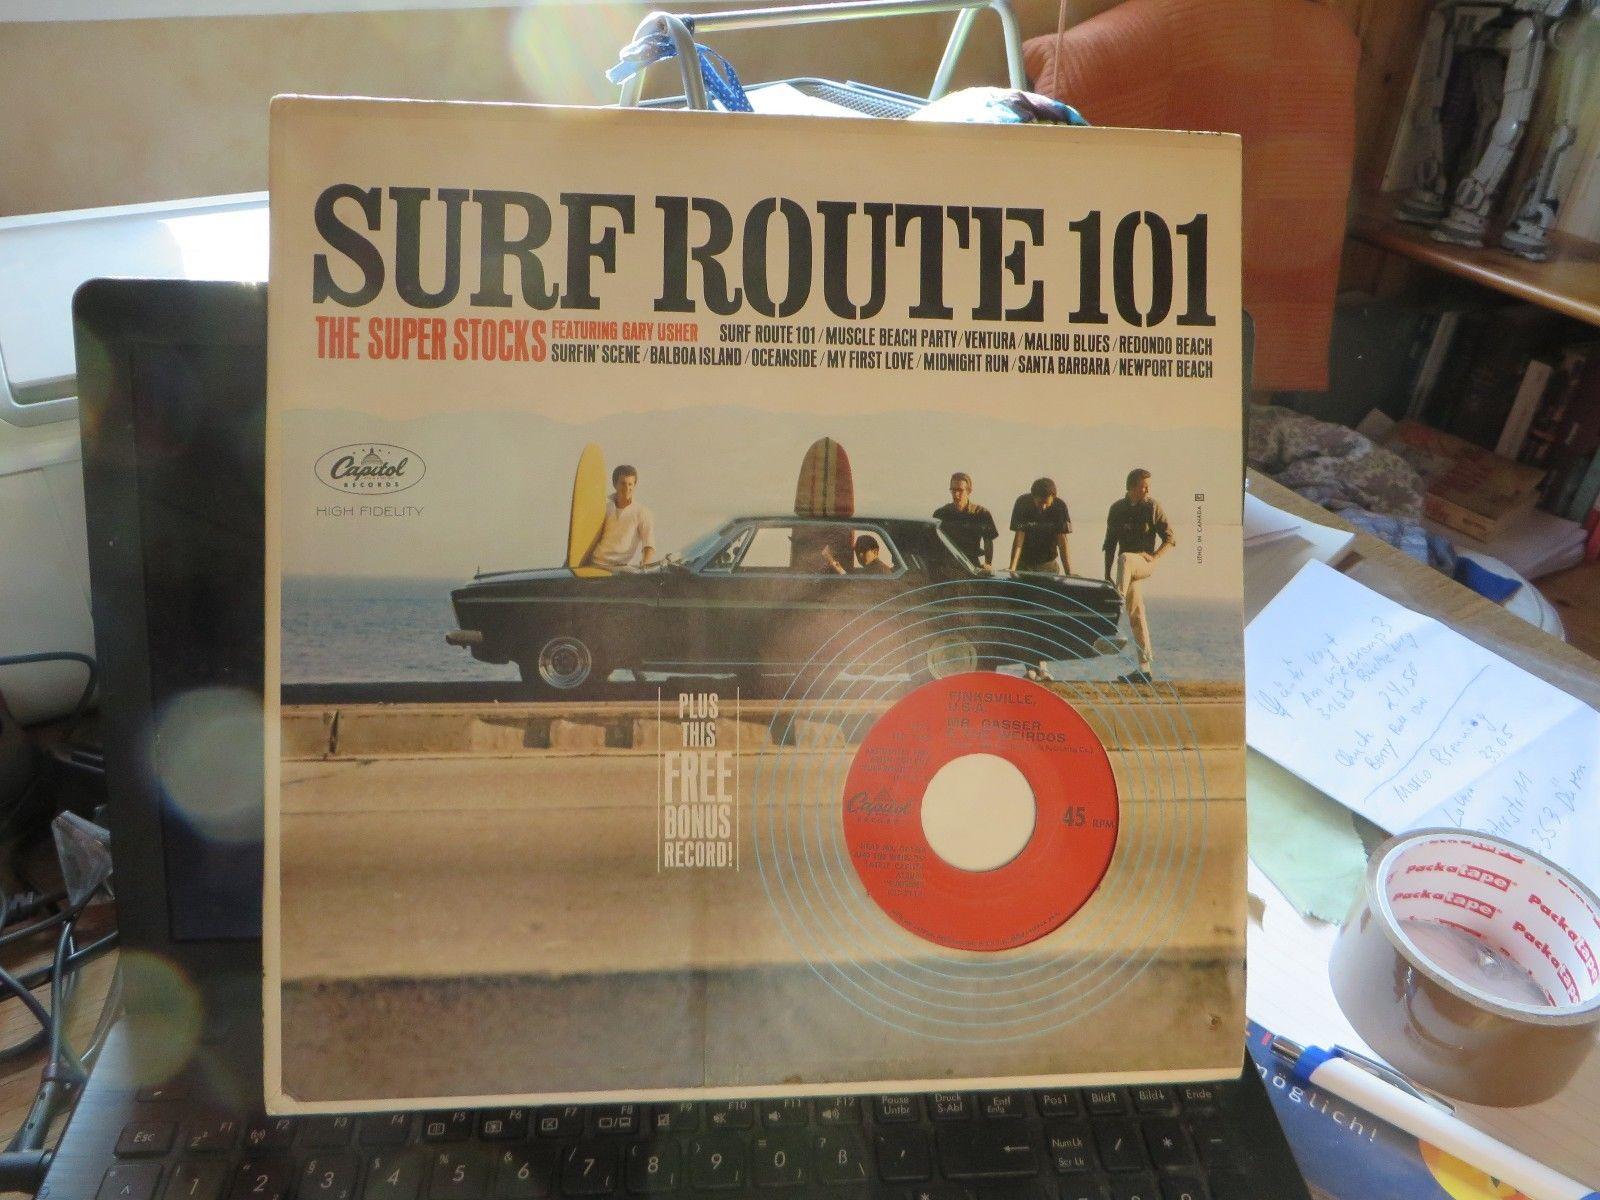 The Superstocks: Surf Route 101 MIT BONUS SINGLE  Original LP